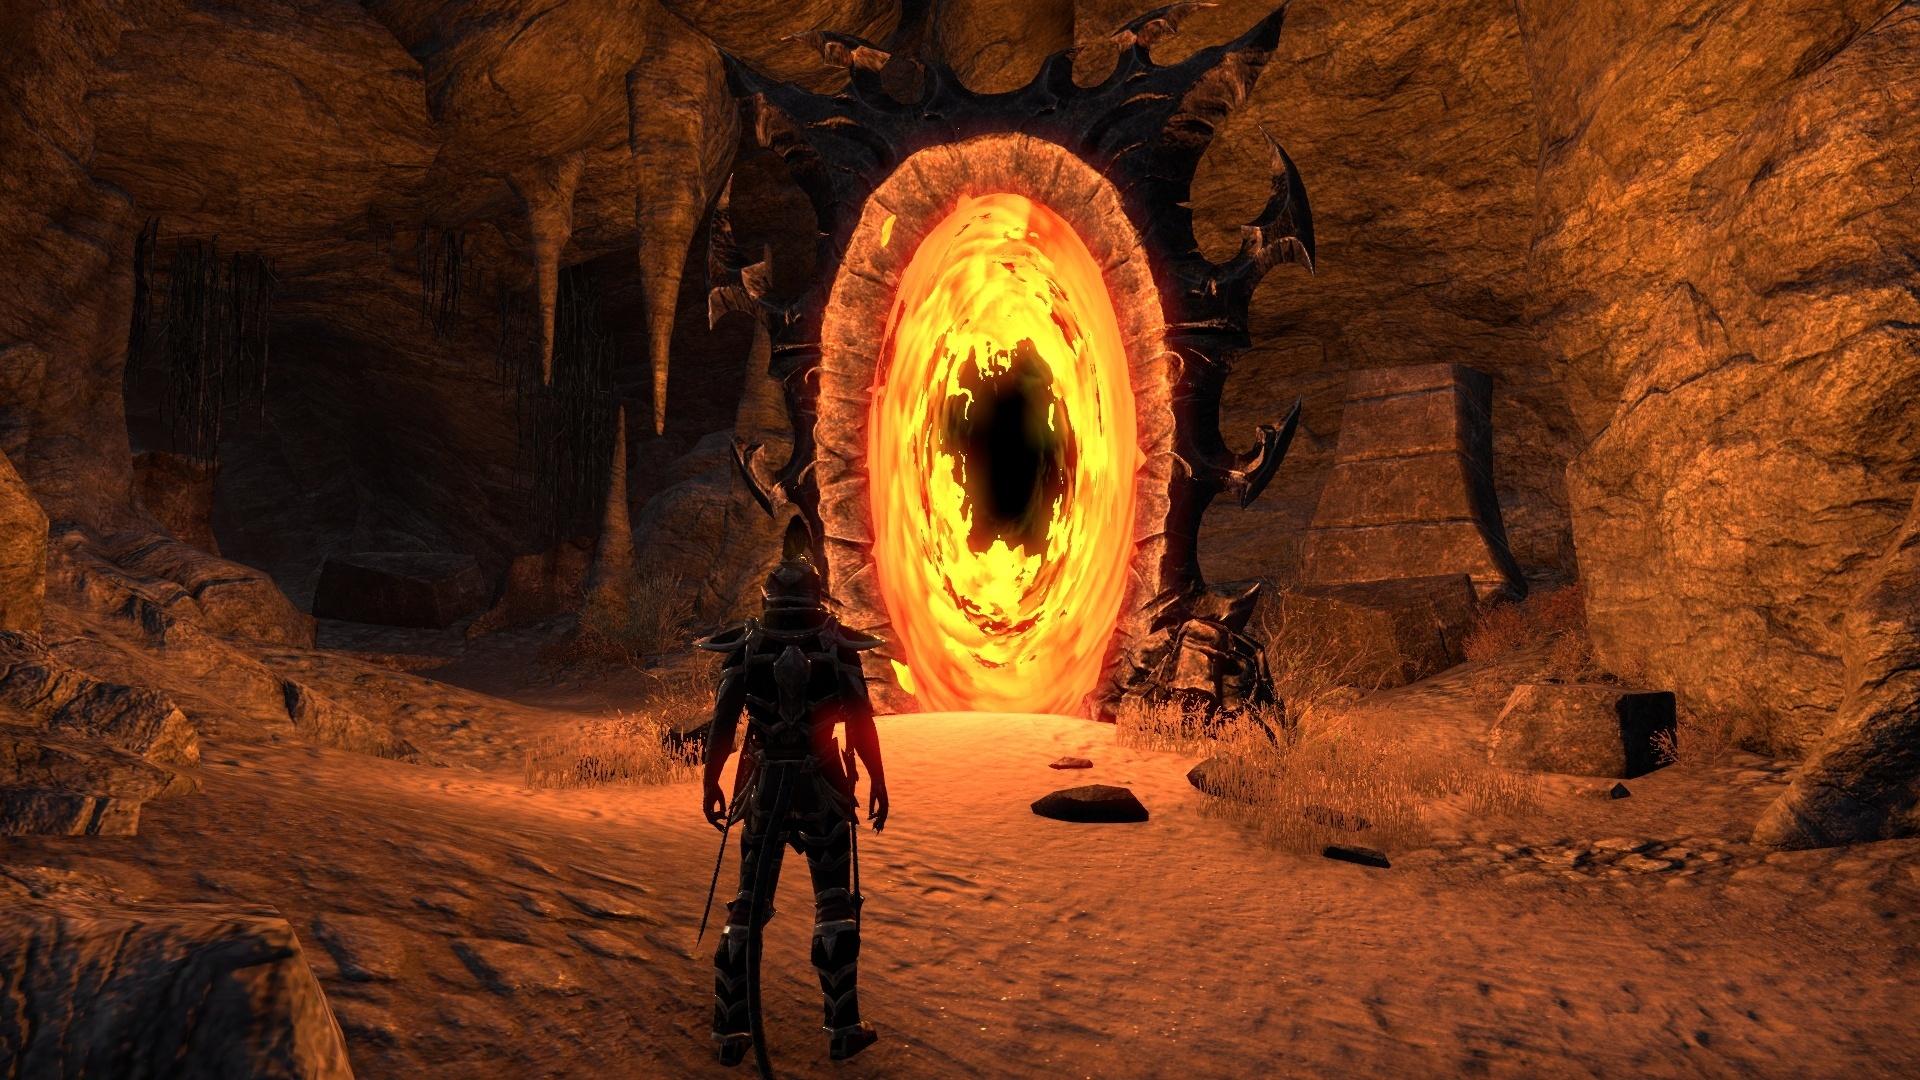 Hinter diesem Portal verbirgt sich der Zugang zur Mahlstrom-Arena, der schwierigsten Herausforderung des Orsinium-DLCs für The Elder Scrolls Online: Tamriel Unlimited.